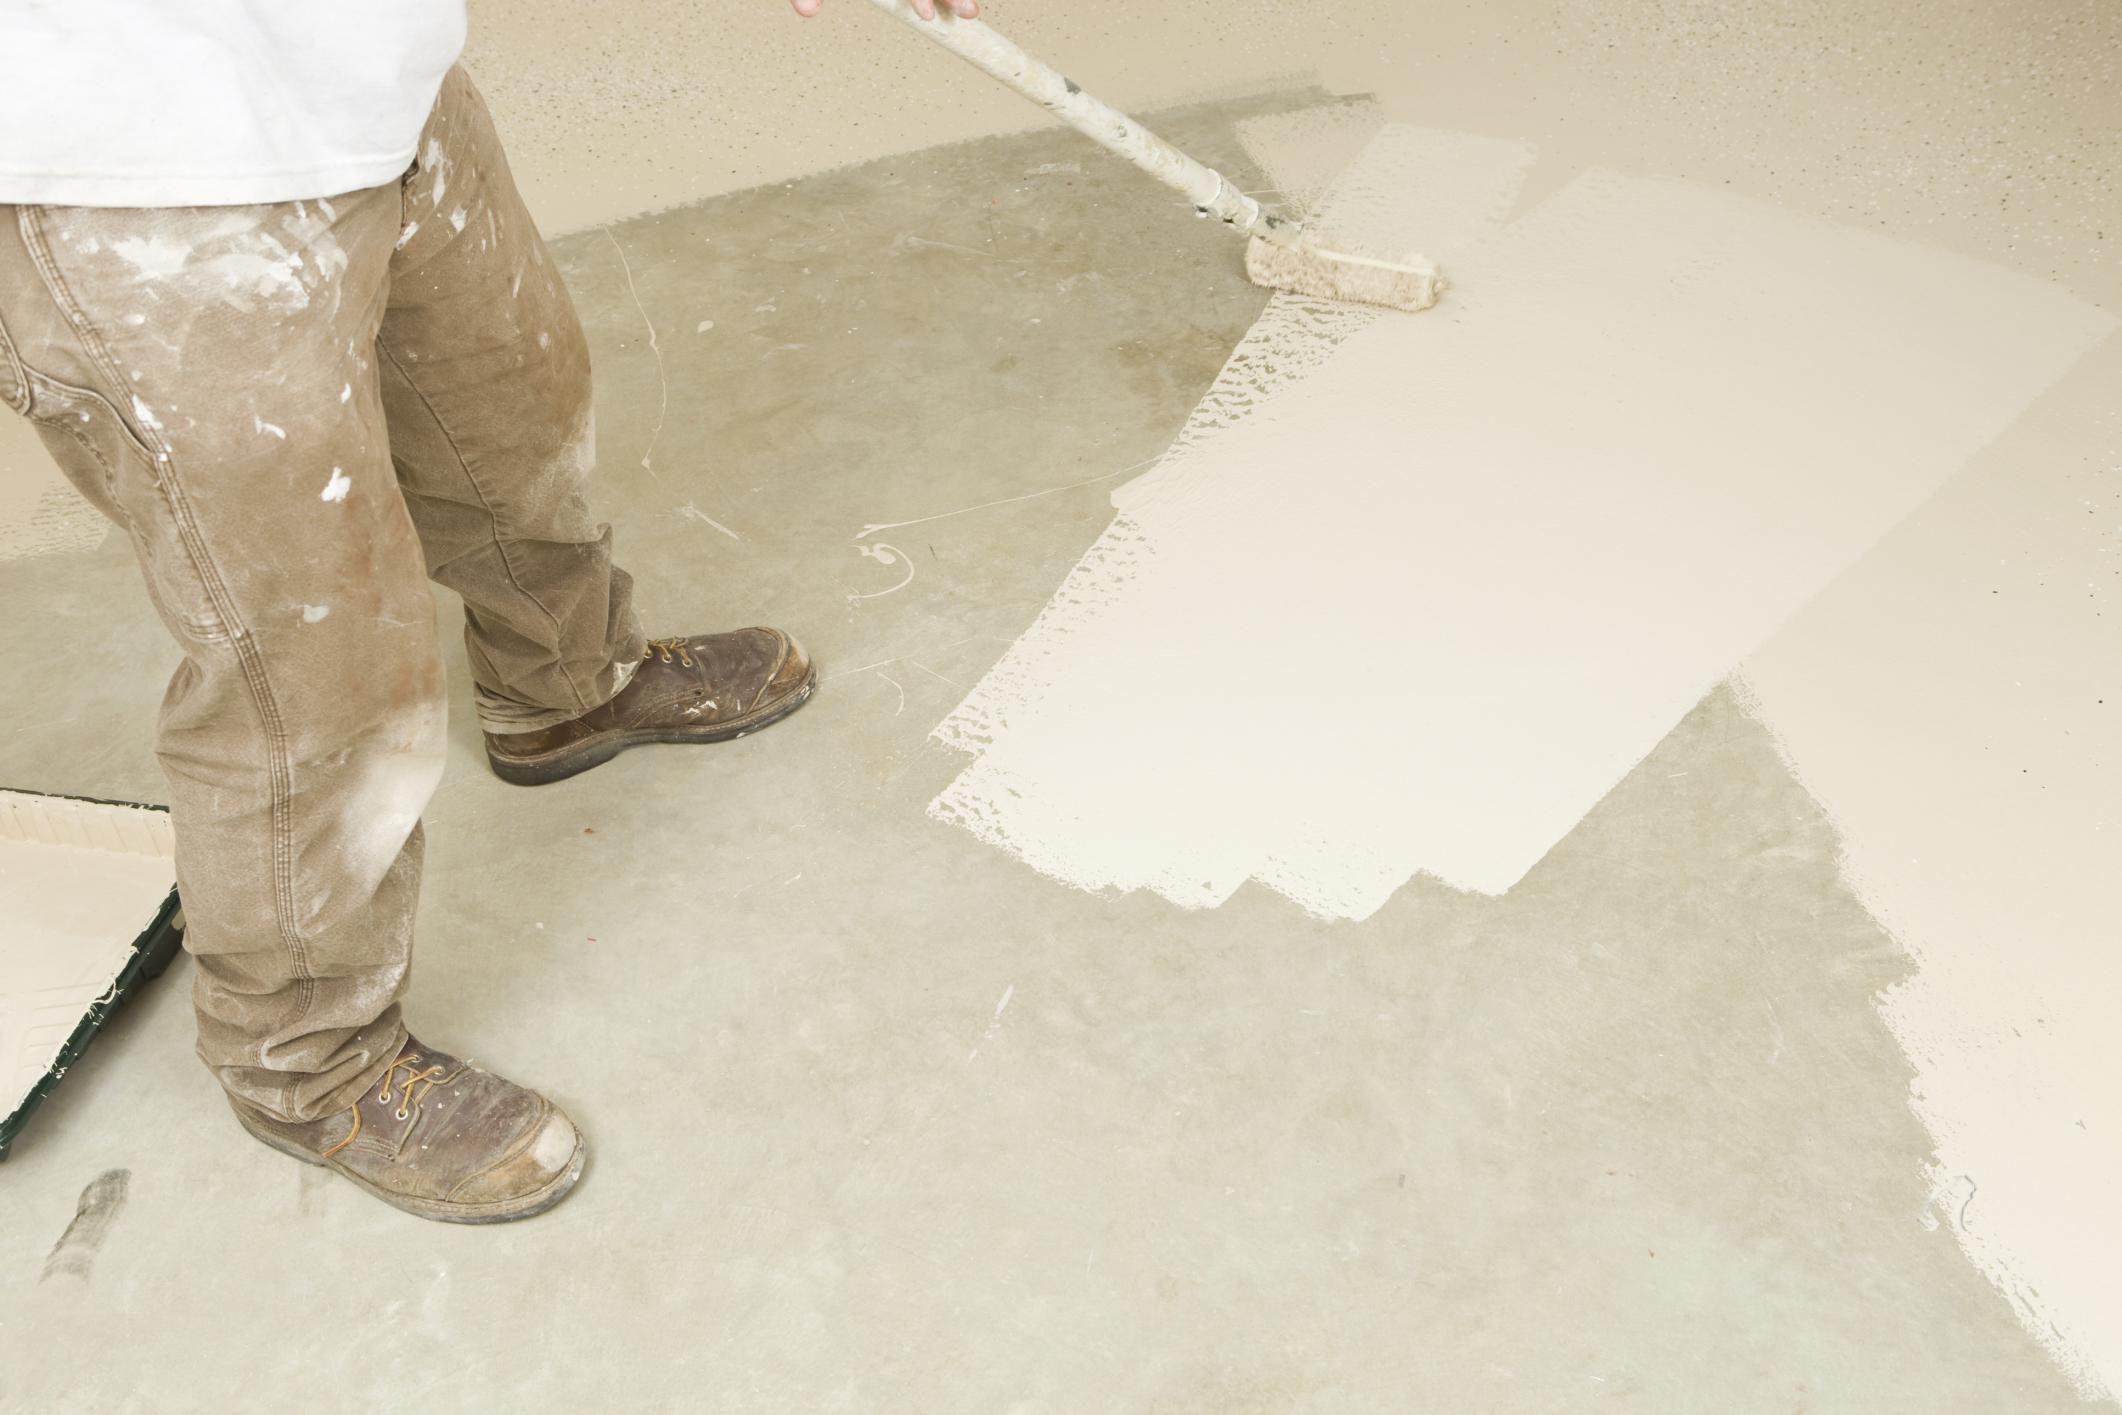 Покраска бетона валиком